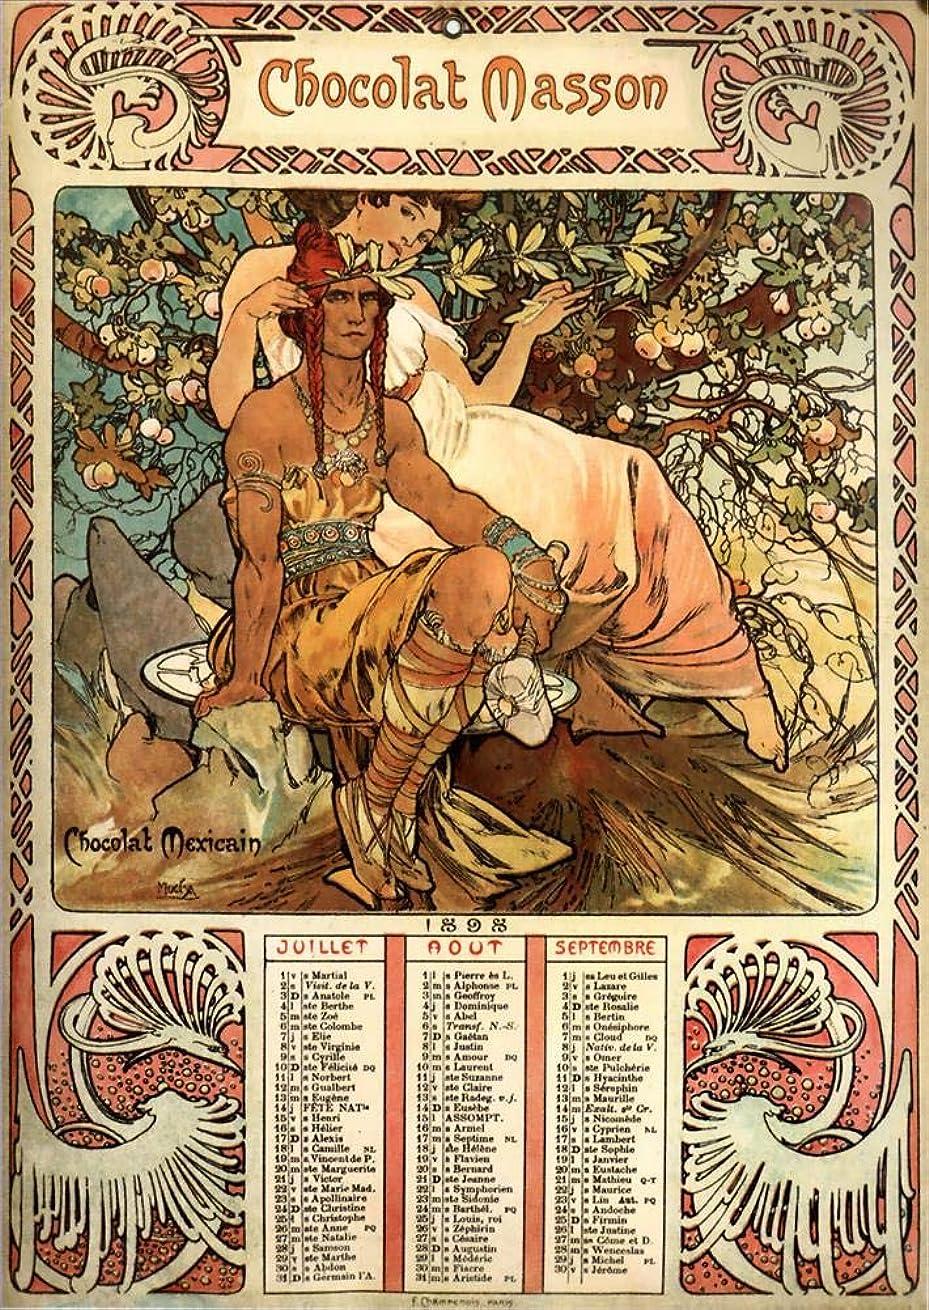 豊富な妻マント手書き-キャンバスの油絵 - 美術大学の先生直筆 - Manhood 1897 calendar Alphonse Mucha 絵画 洋画 複製画 ウォールアートデコレーション -サイズ14